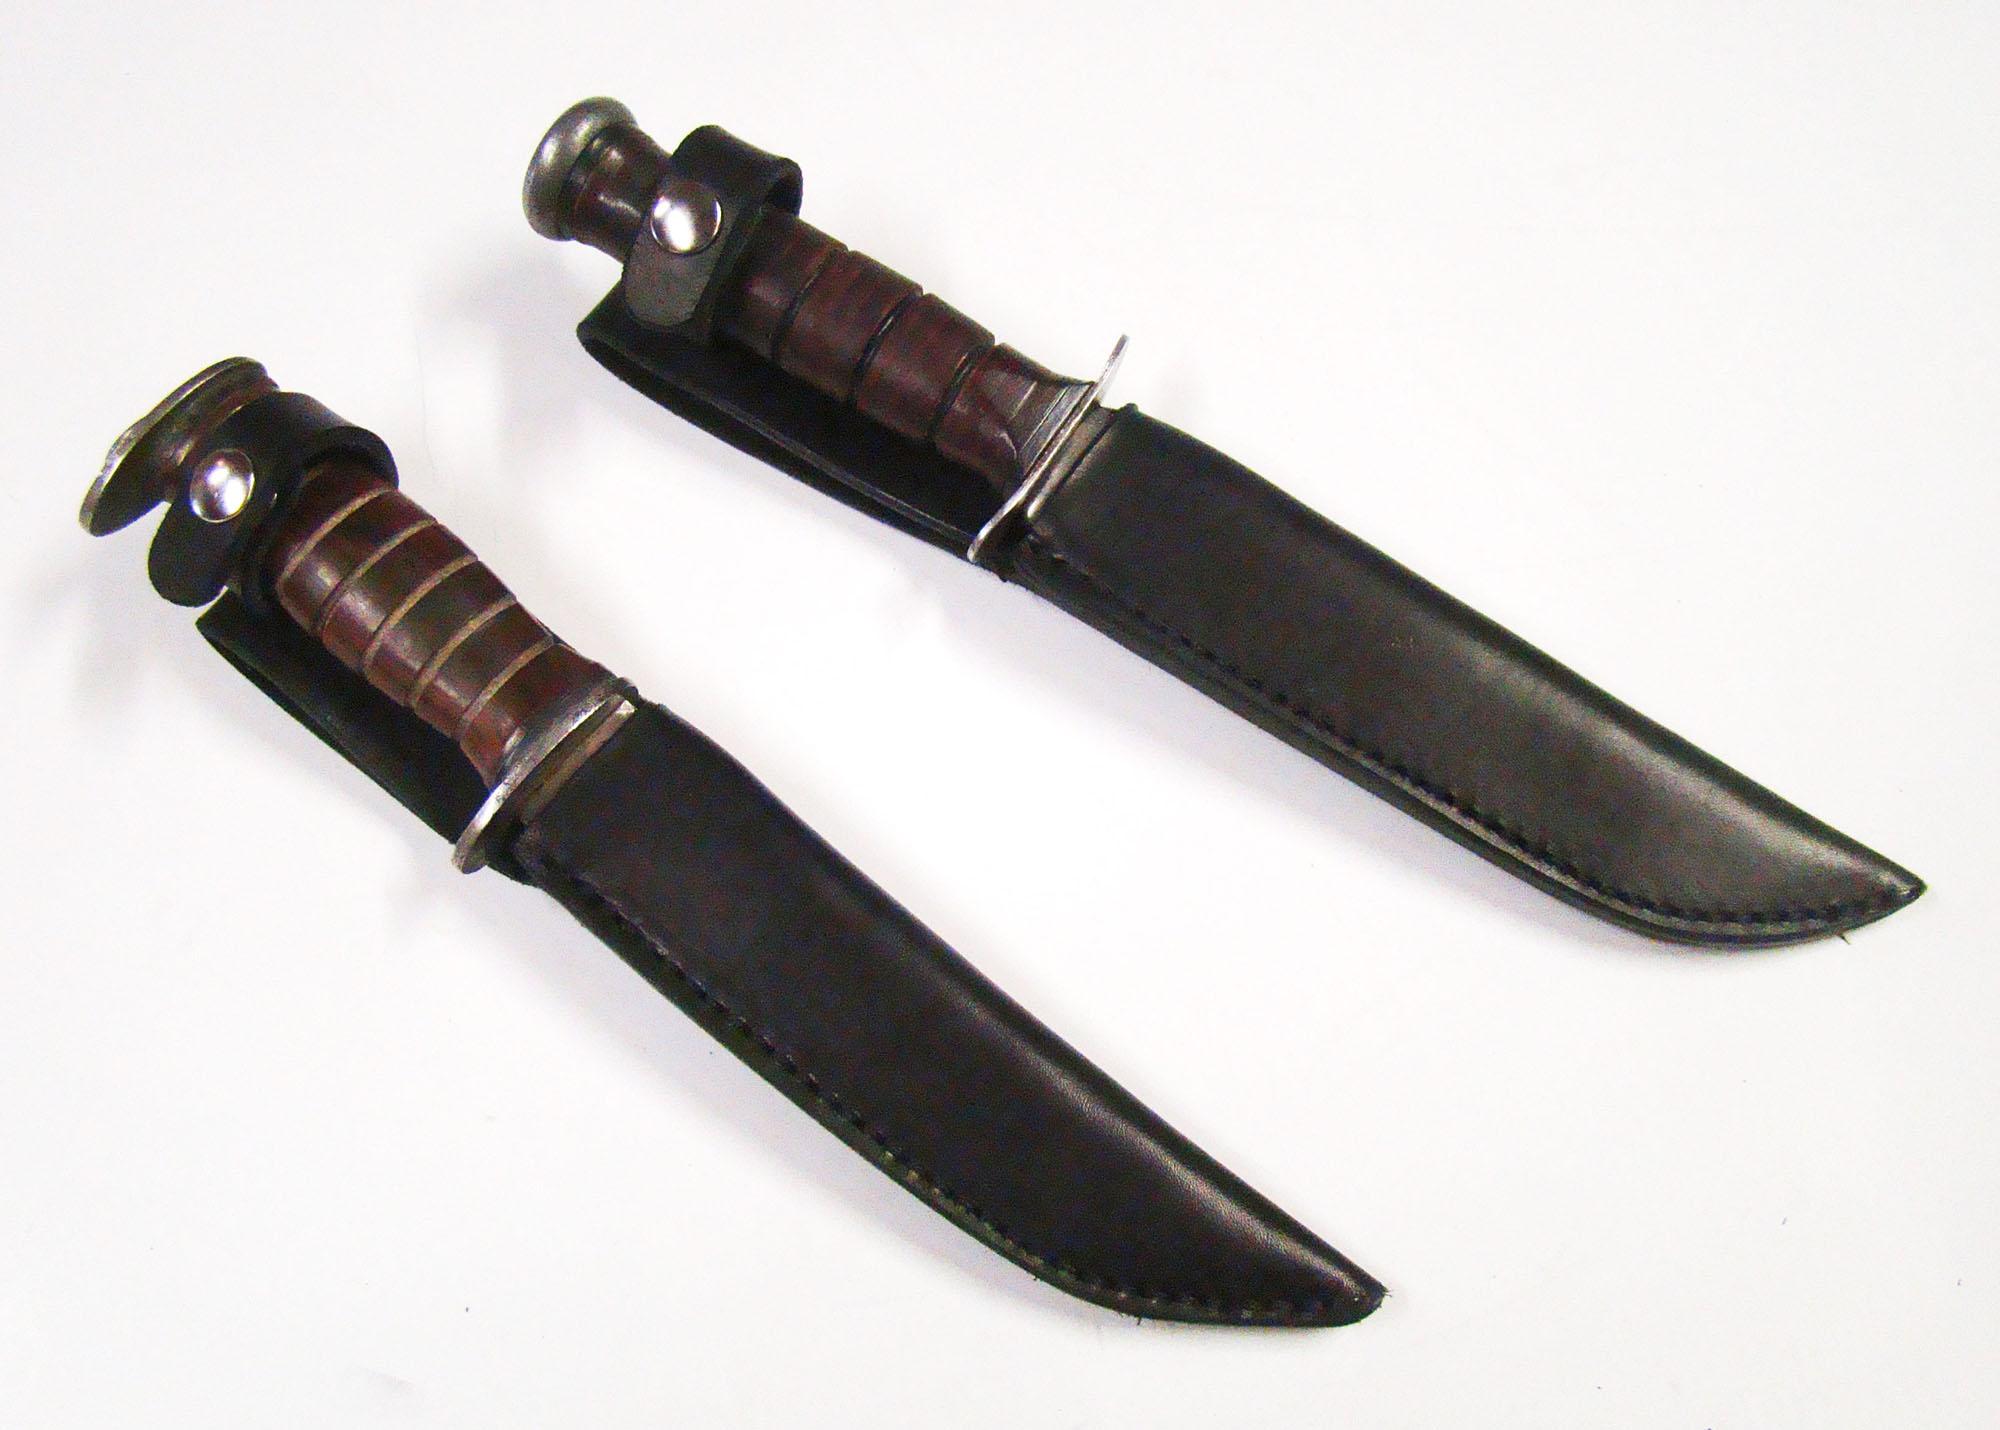 Hunting knife sheaths on white background